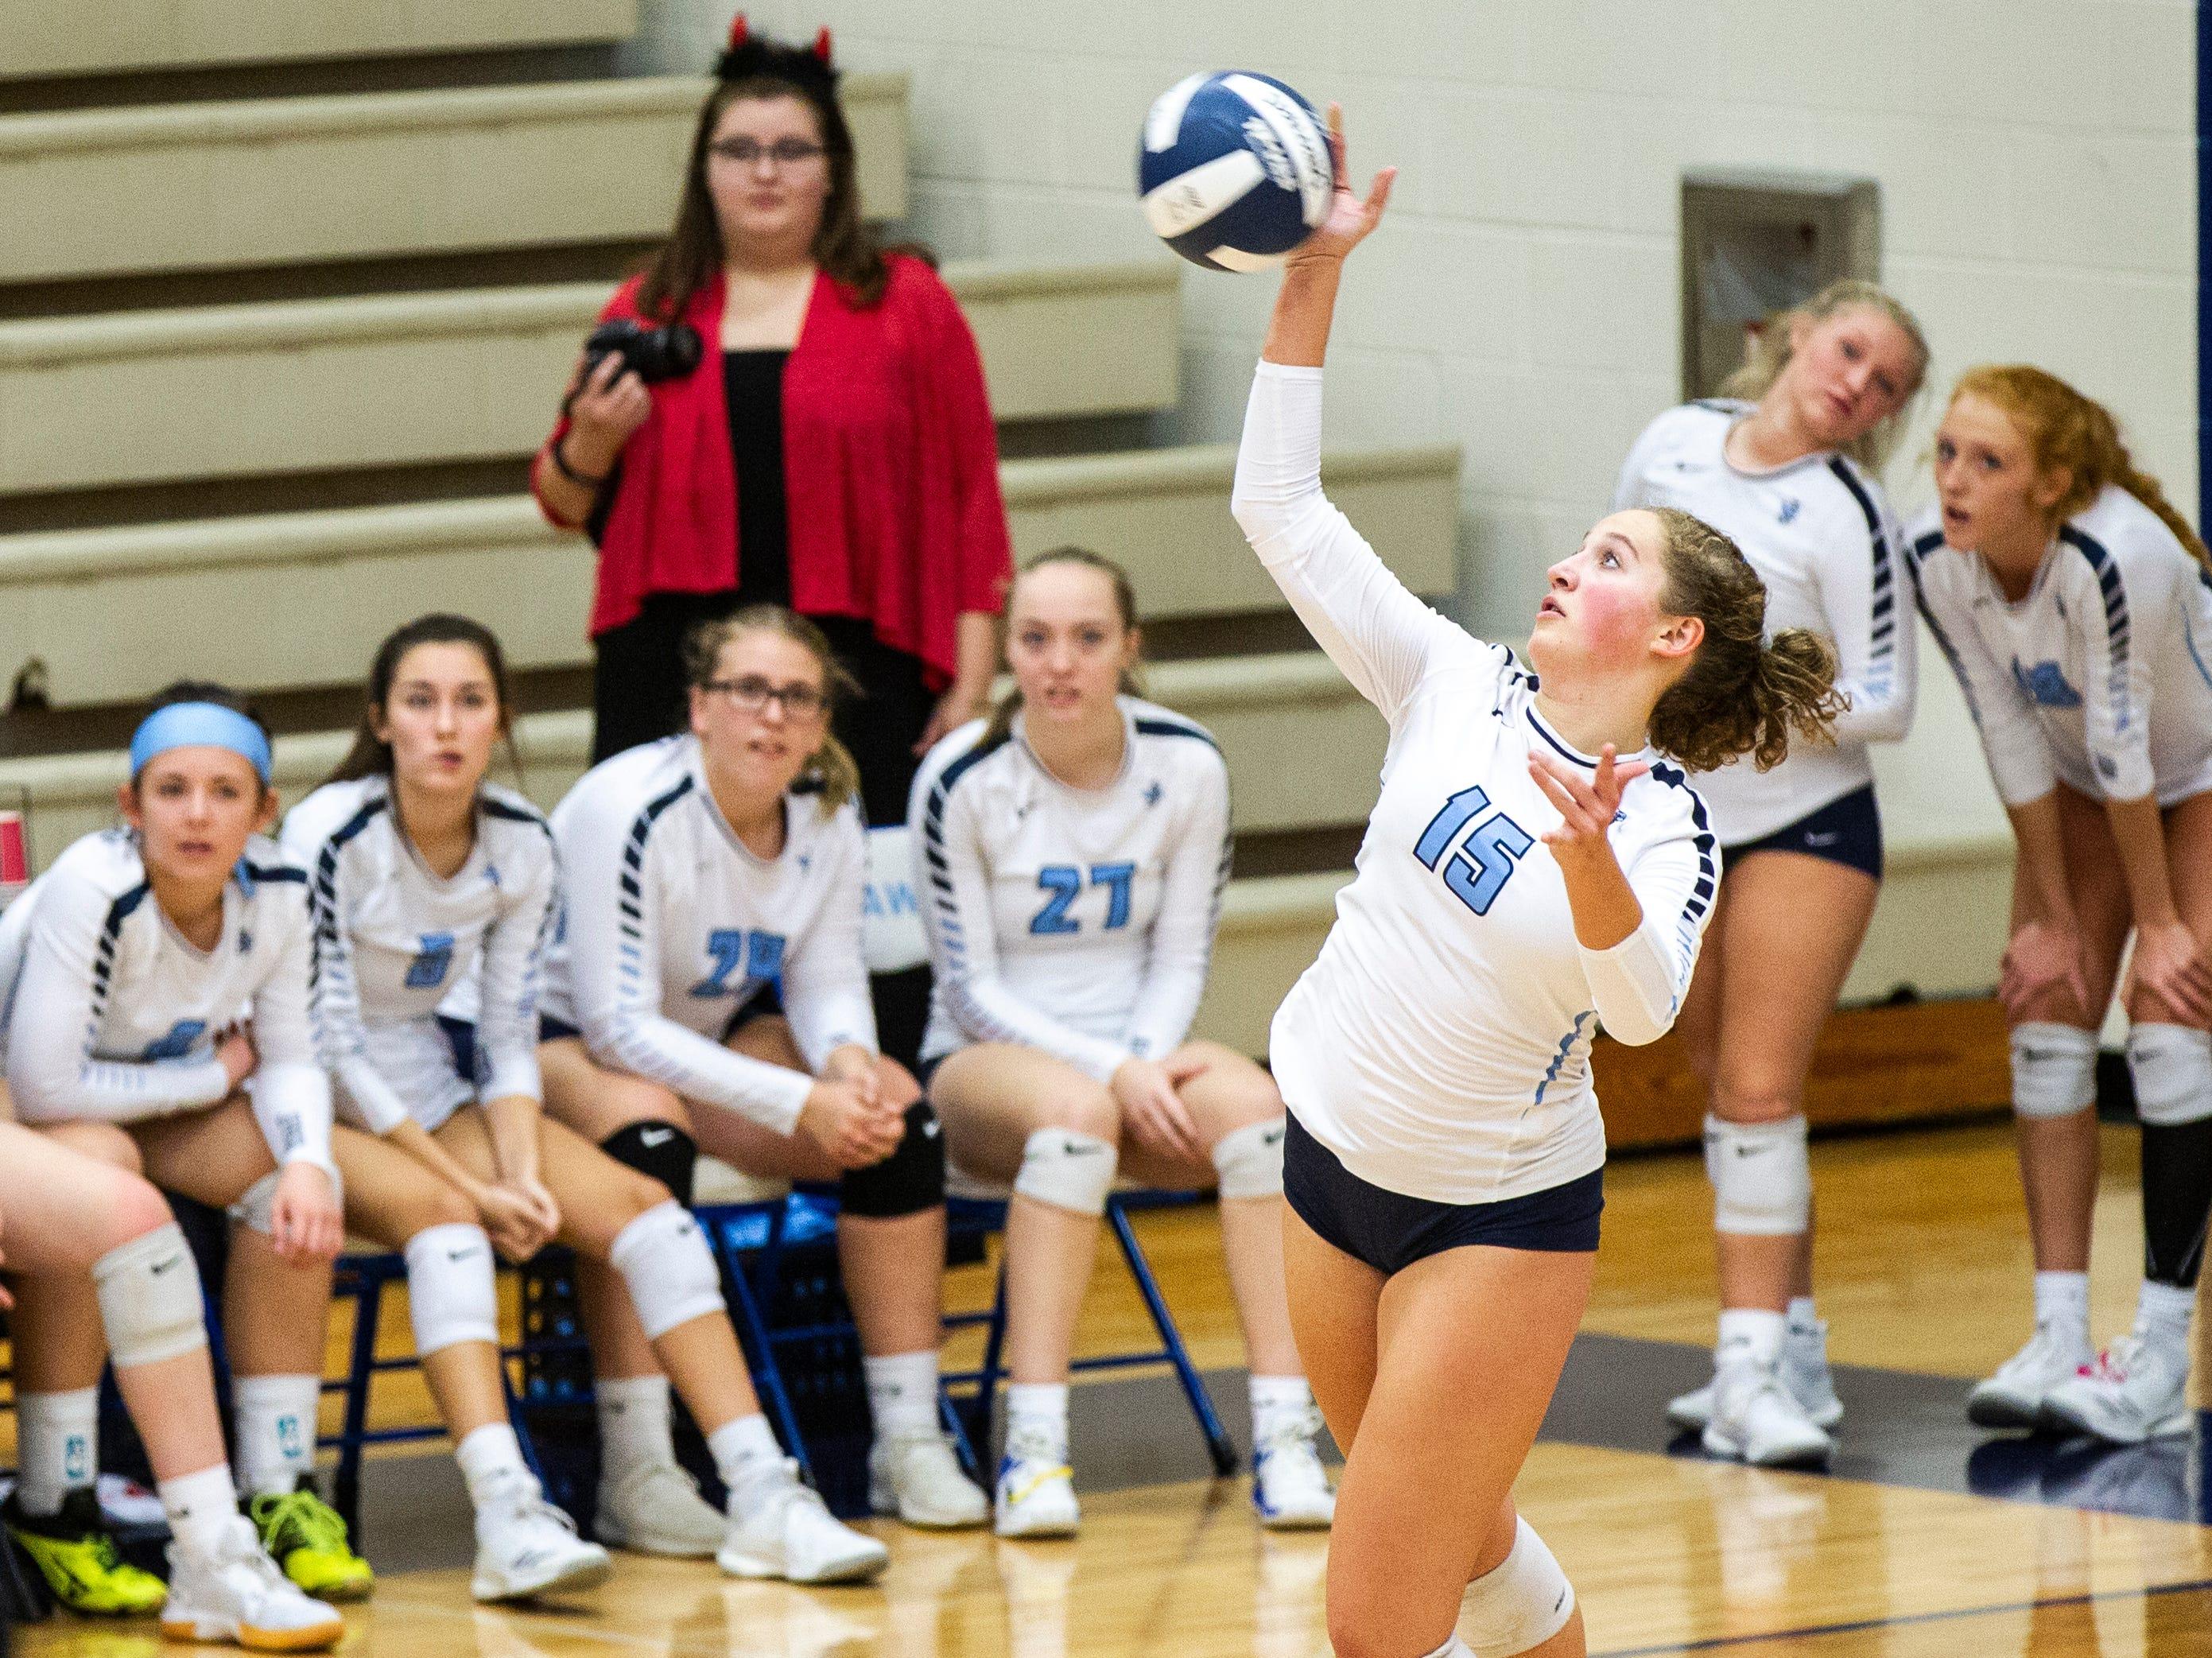 Cedar Rapids Jefferson's Cassidy Boche (11) serves during a Class 5A volleyball regional final game on Monday, Oct. 29, 2018, at Jefferson High School in Cedar Rapids.